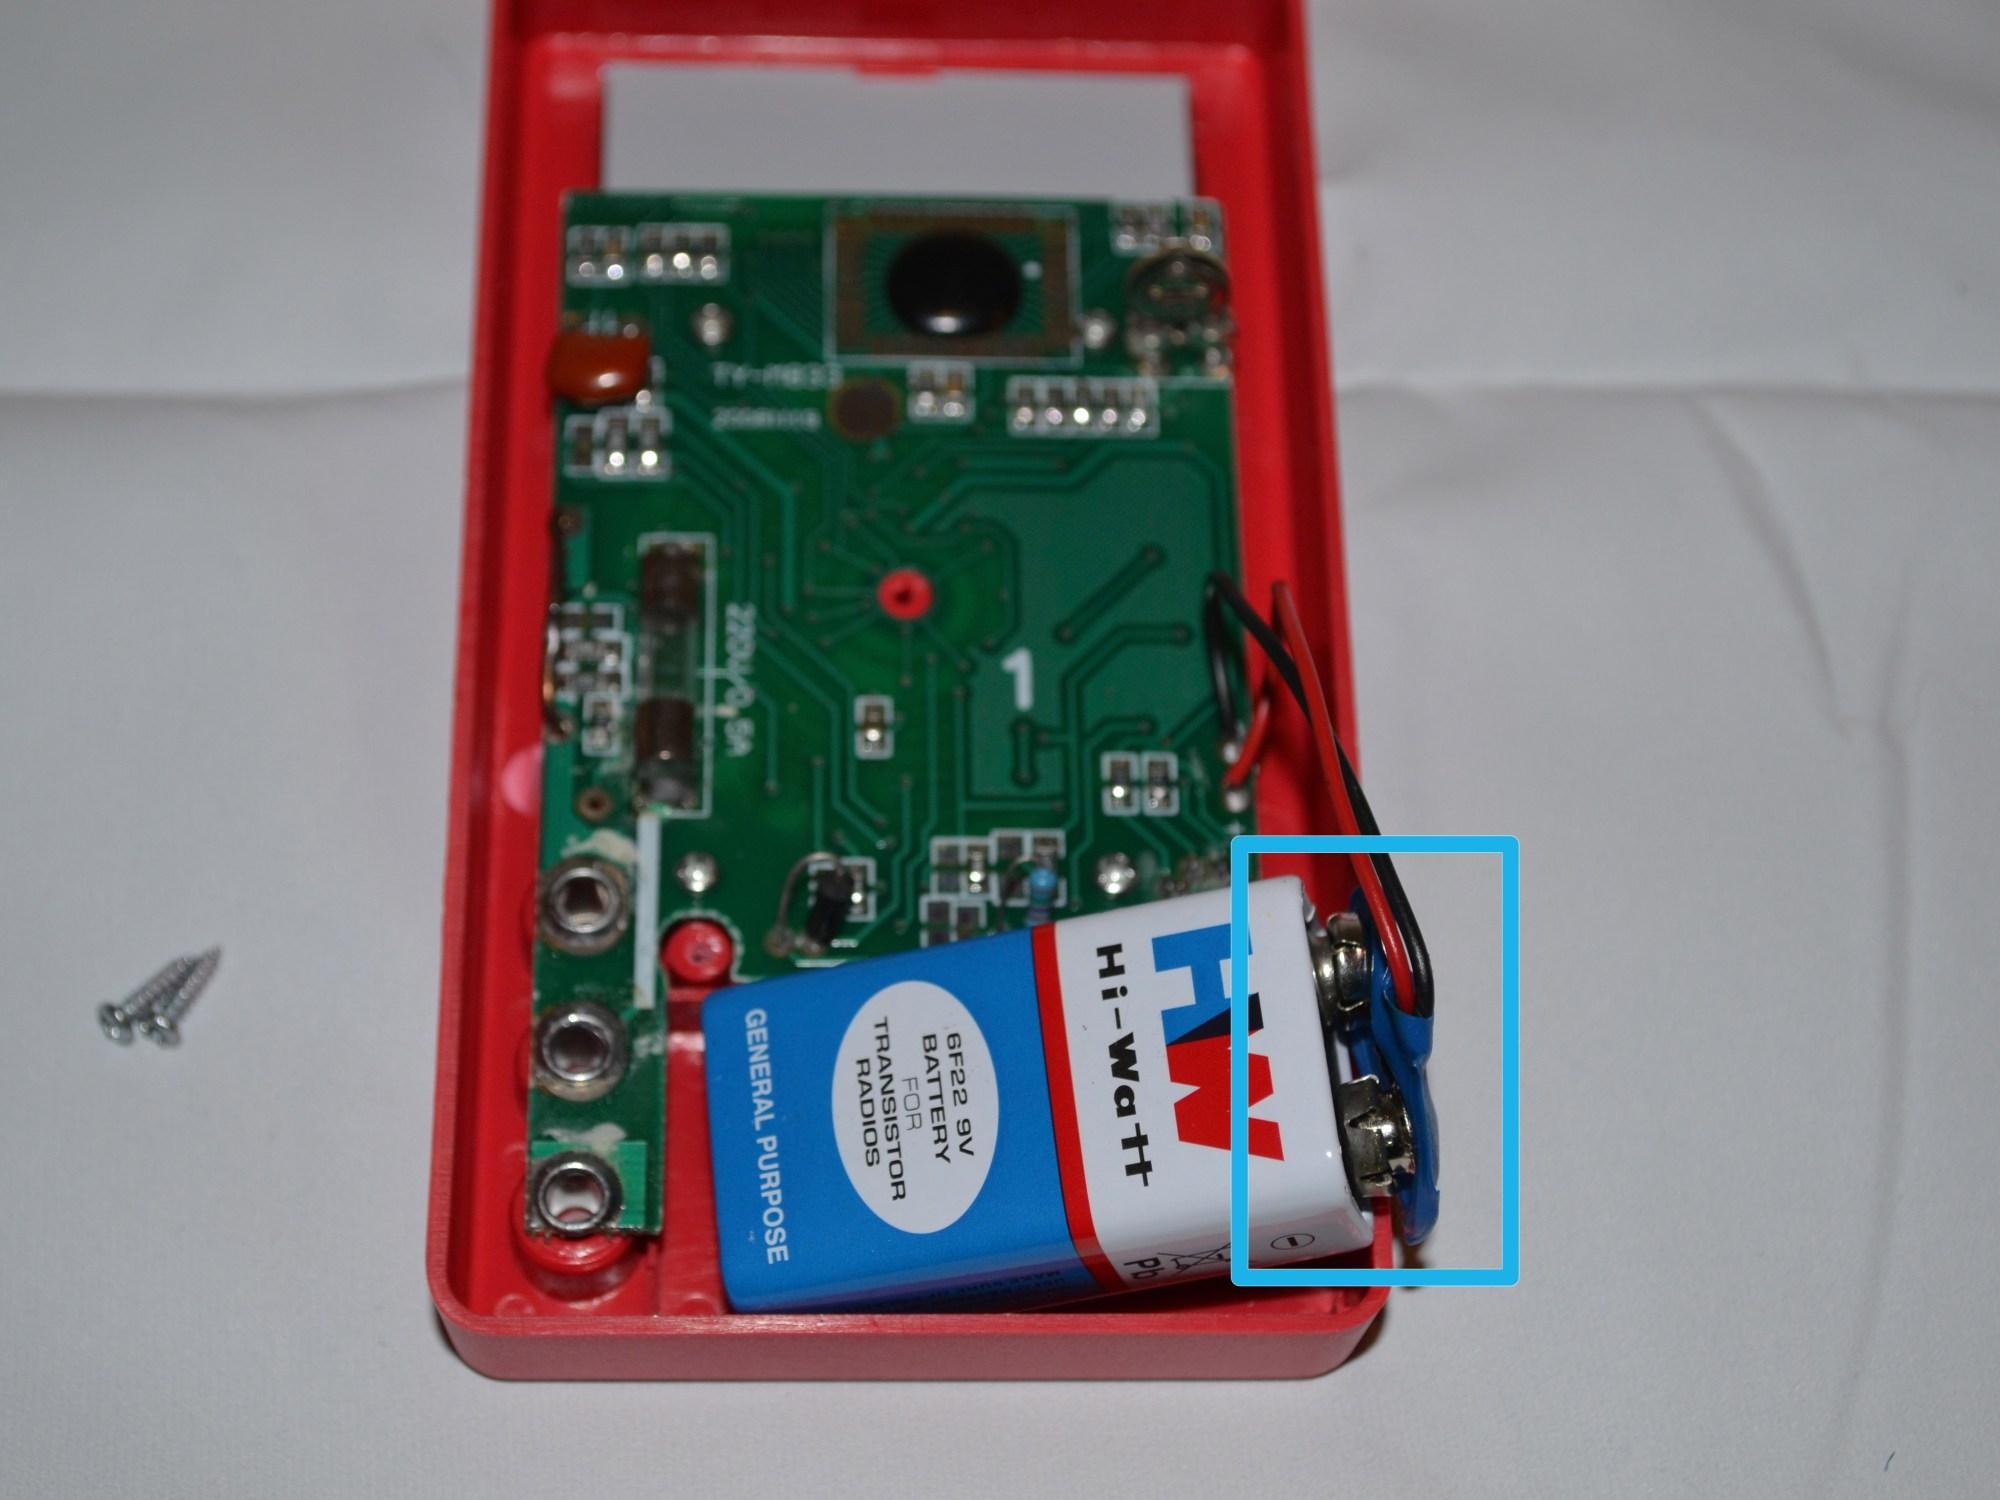 hight resolution of wrg 5461 cen tech battery charger wiring diagram cen tech volt gauge wiring diagram